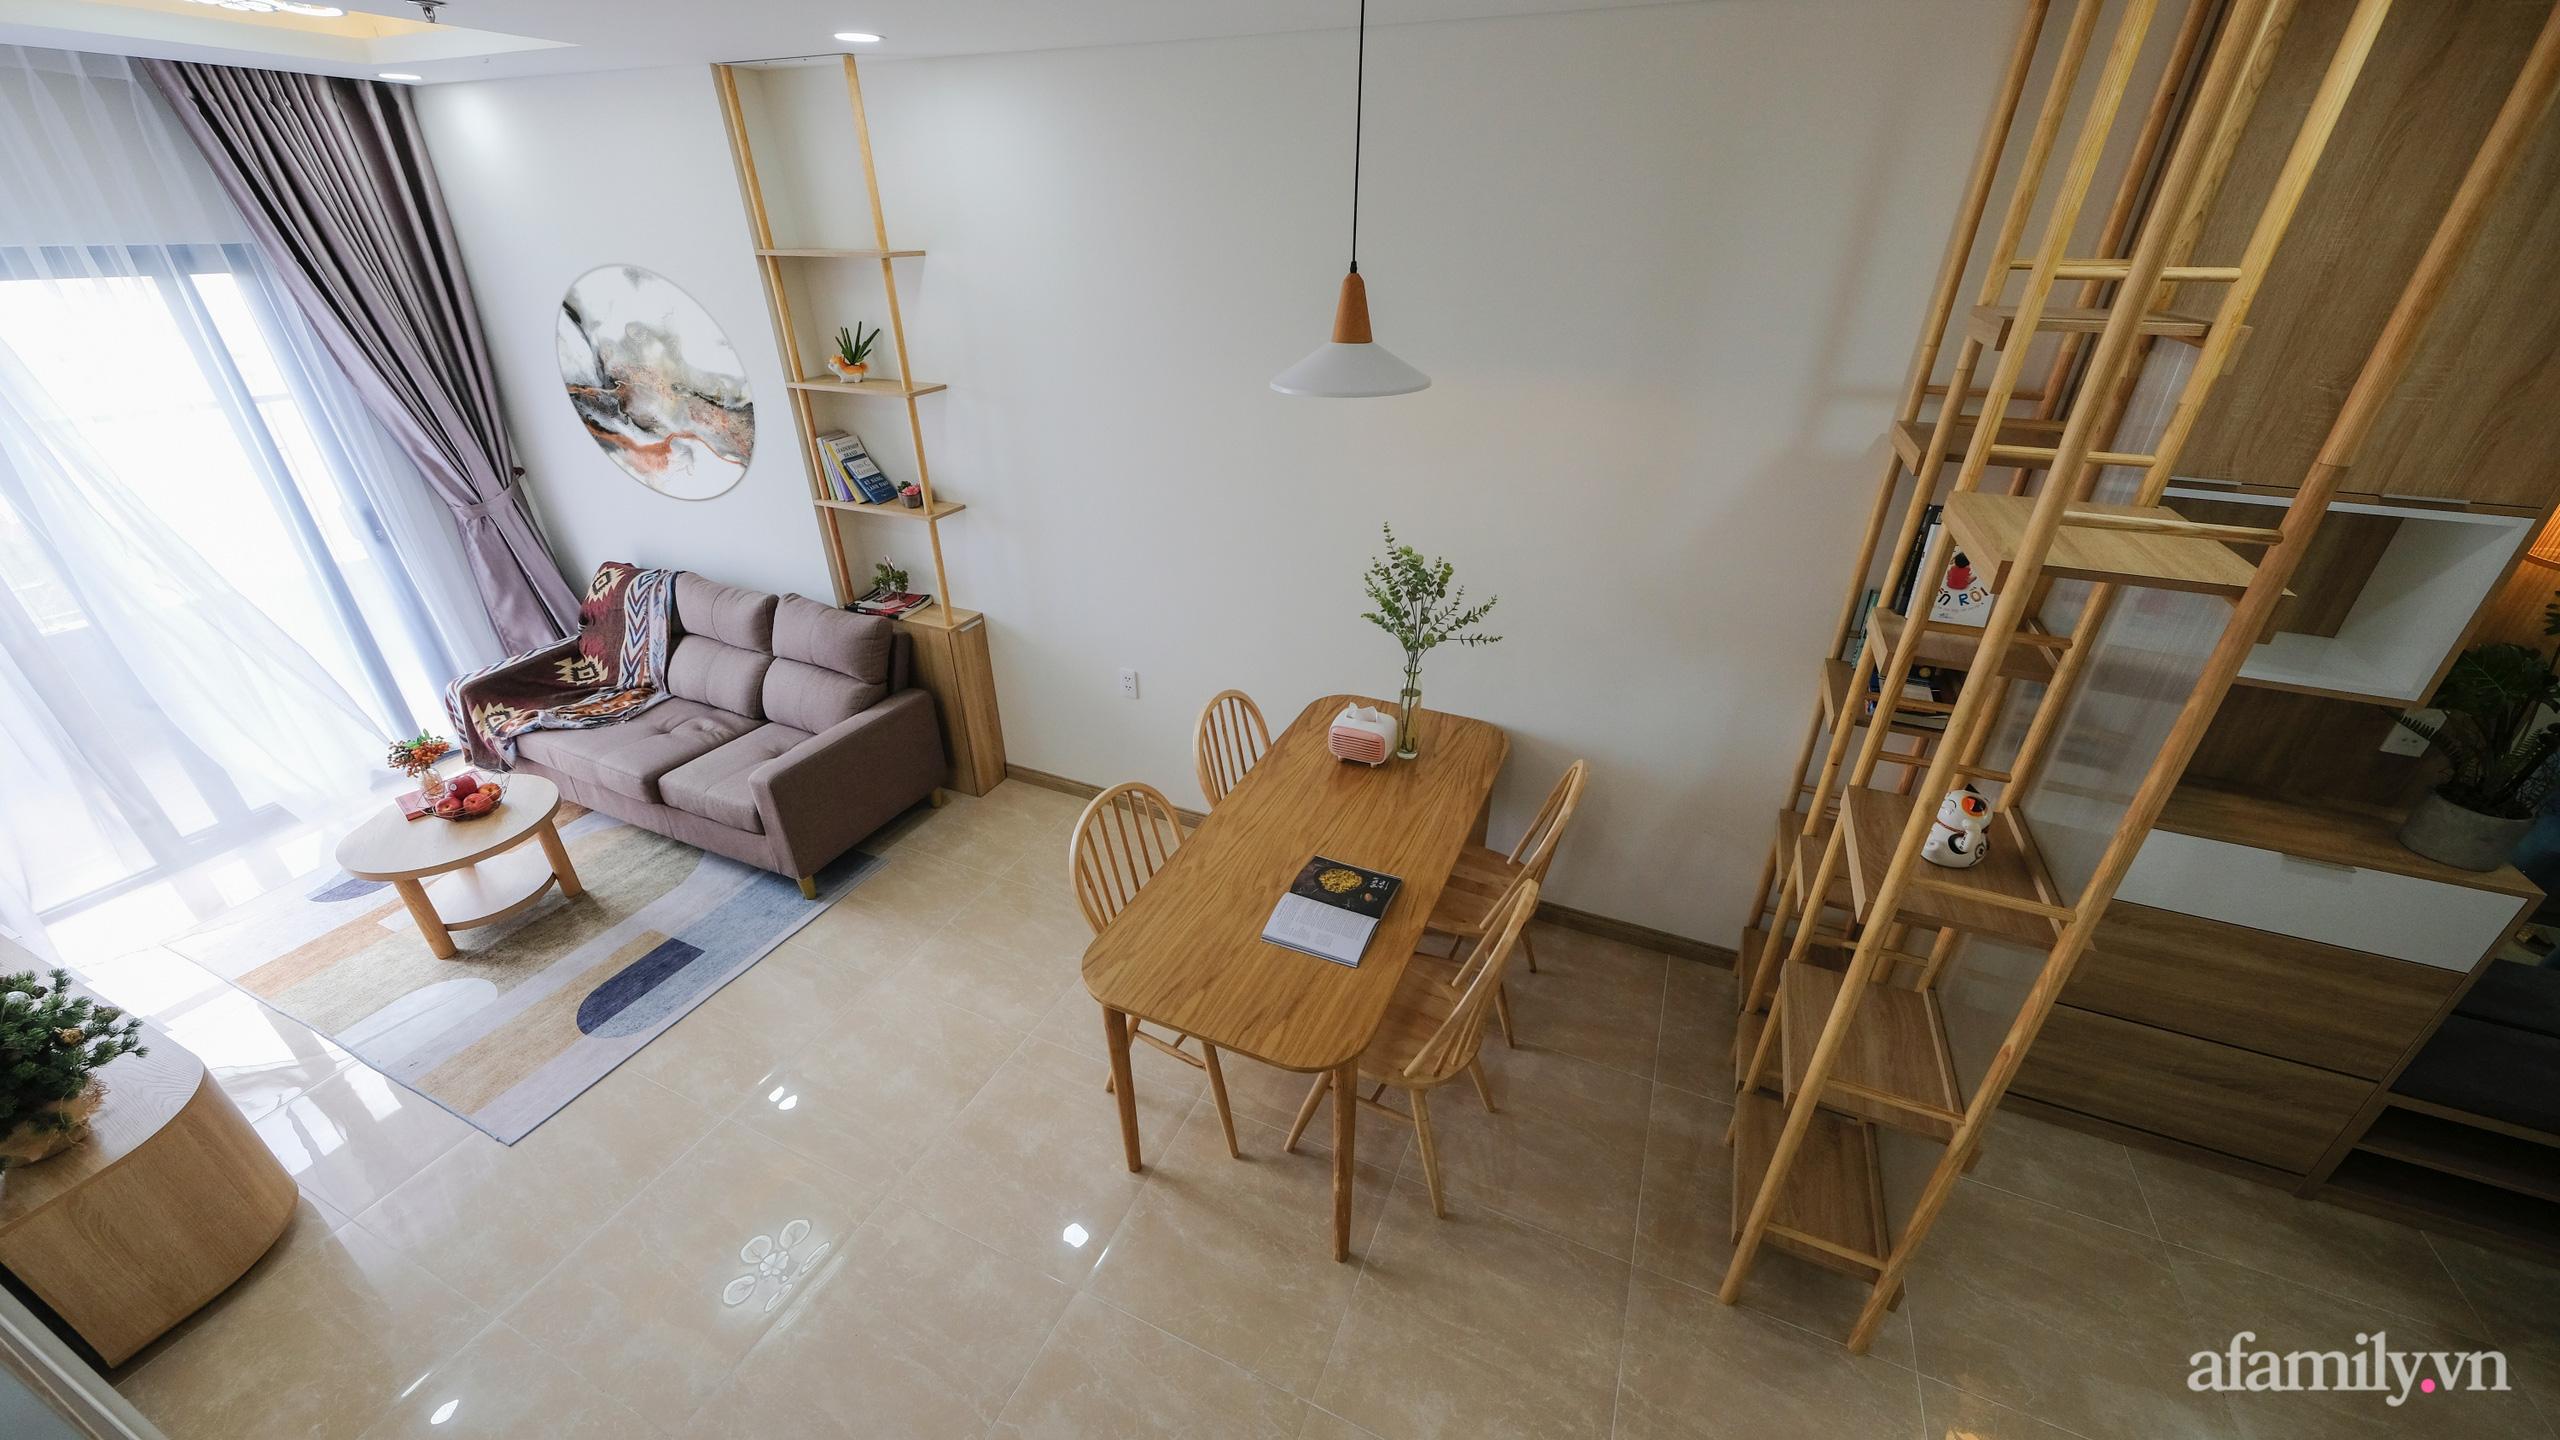 Căn hộ 75m² view sông Hàn đắt giá nhưng được thiết kế nội thất bình dị, ấm áp có chi phí 78 triệu đồng ở TP Đà Nẵng - Ảnh 2.